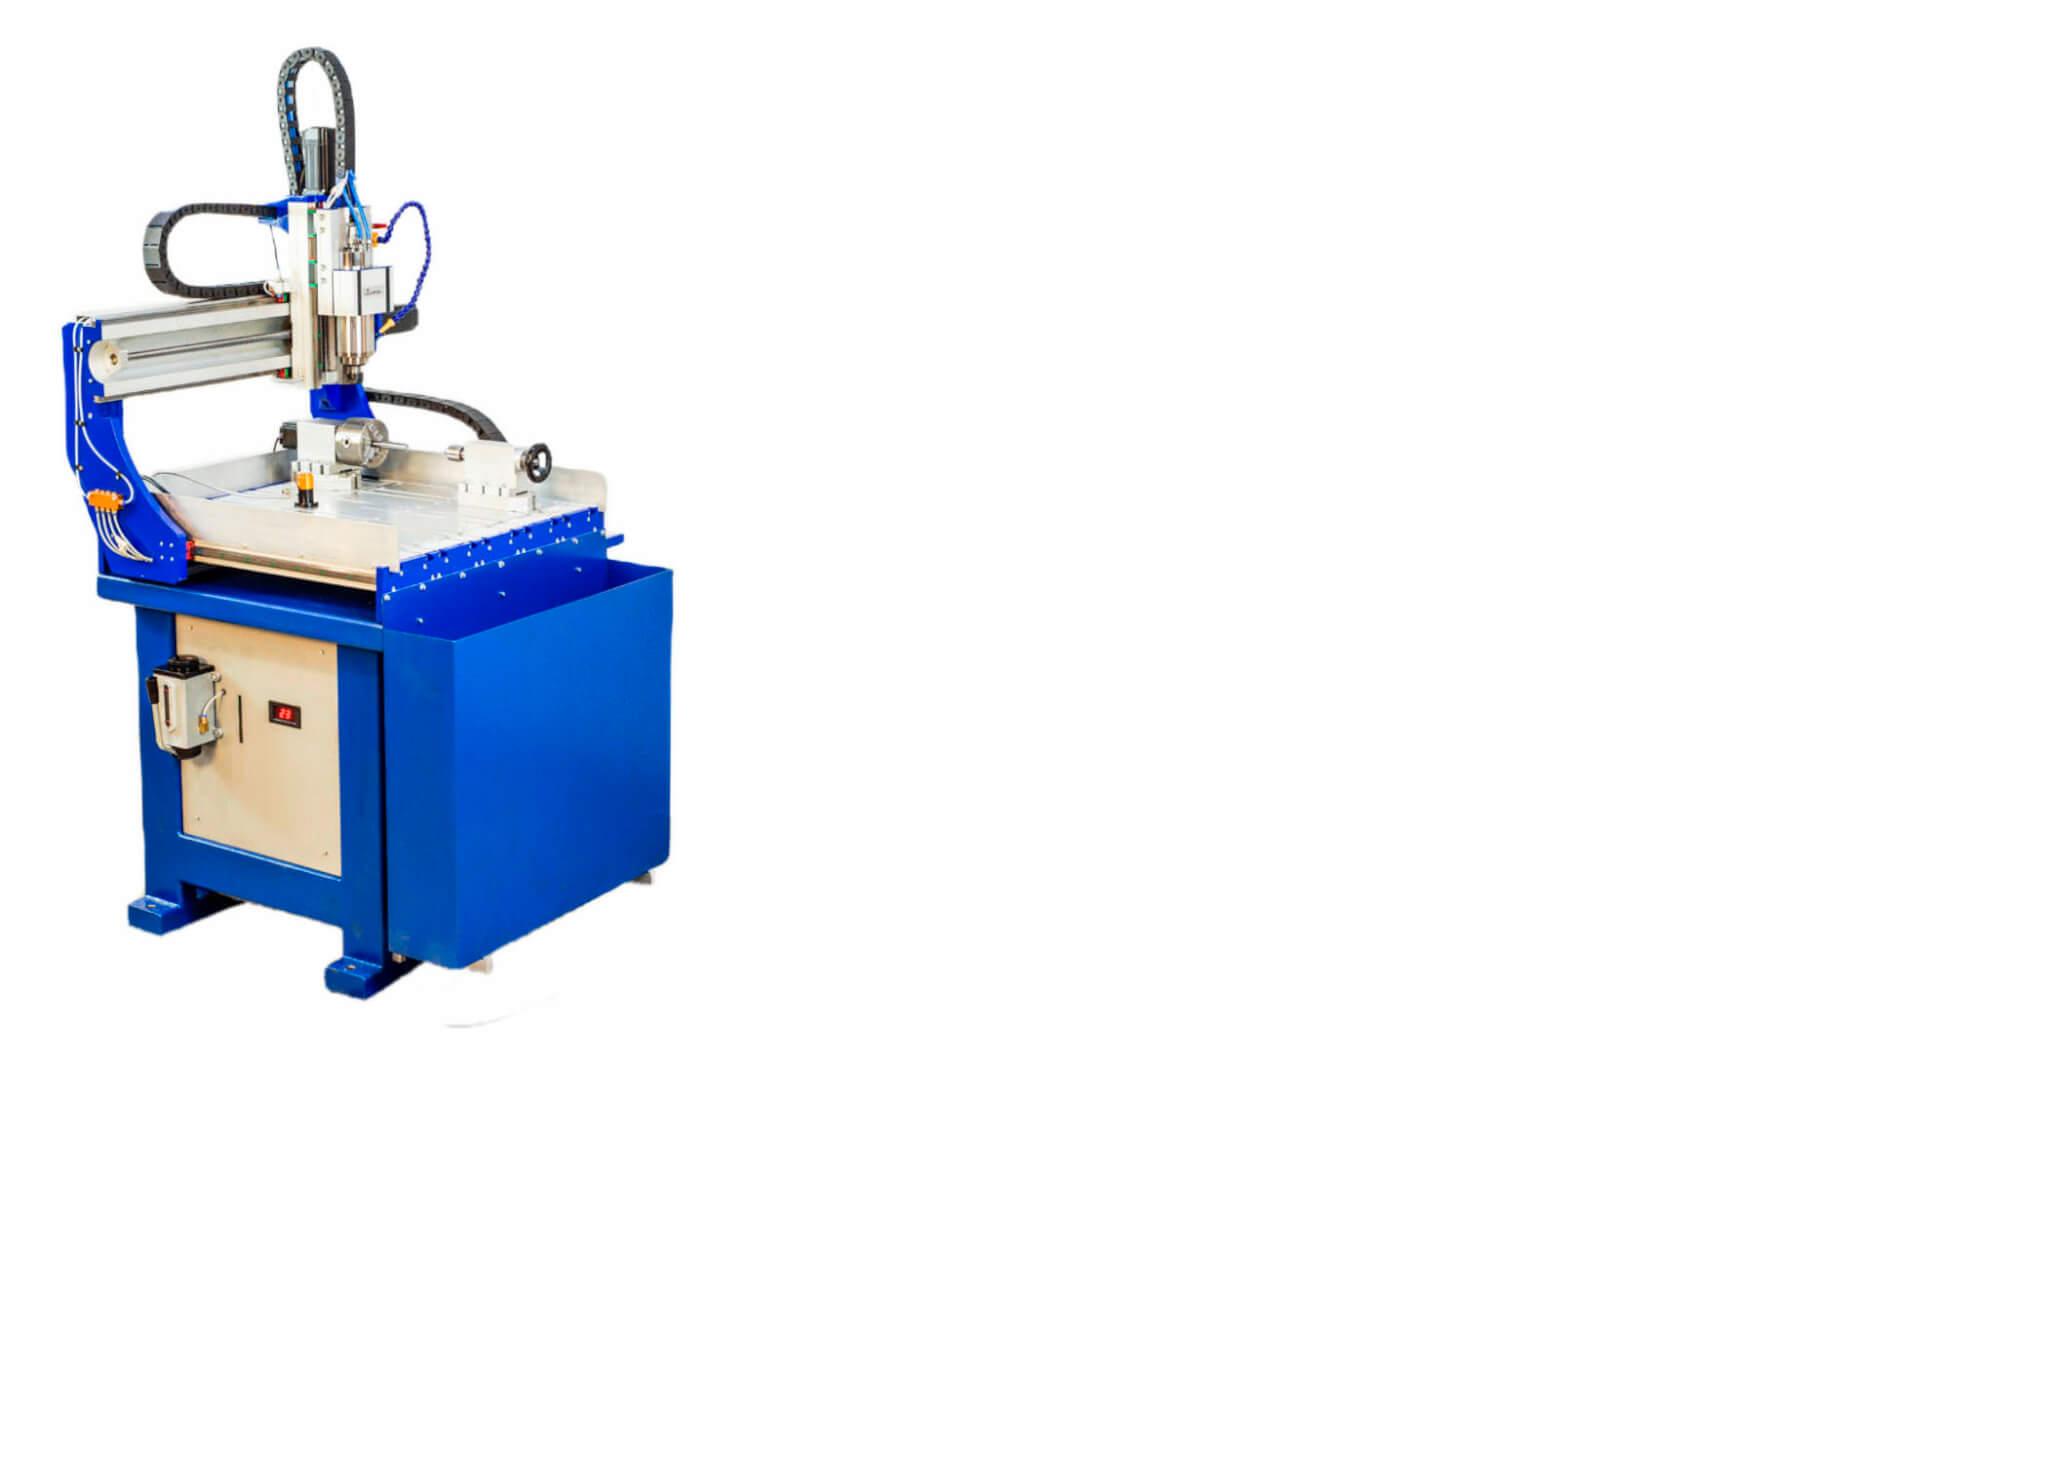 Изготовление фрезерных станков с ЧПУ, наборы для сборки. Сколько стоит купить станок с ЧПУ для производства для обработки деревянных, металлических и пластиковых изделий для бизнеса.